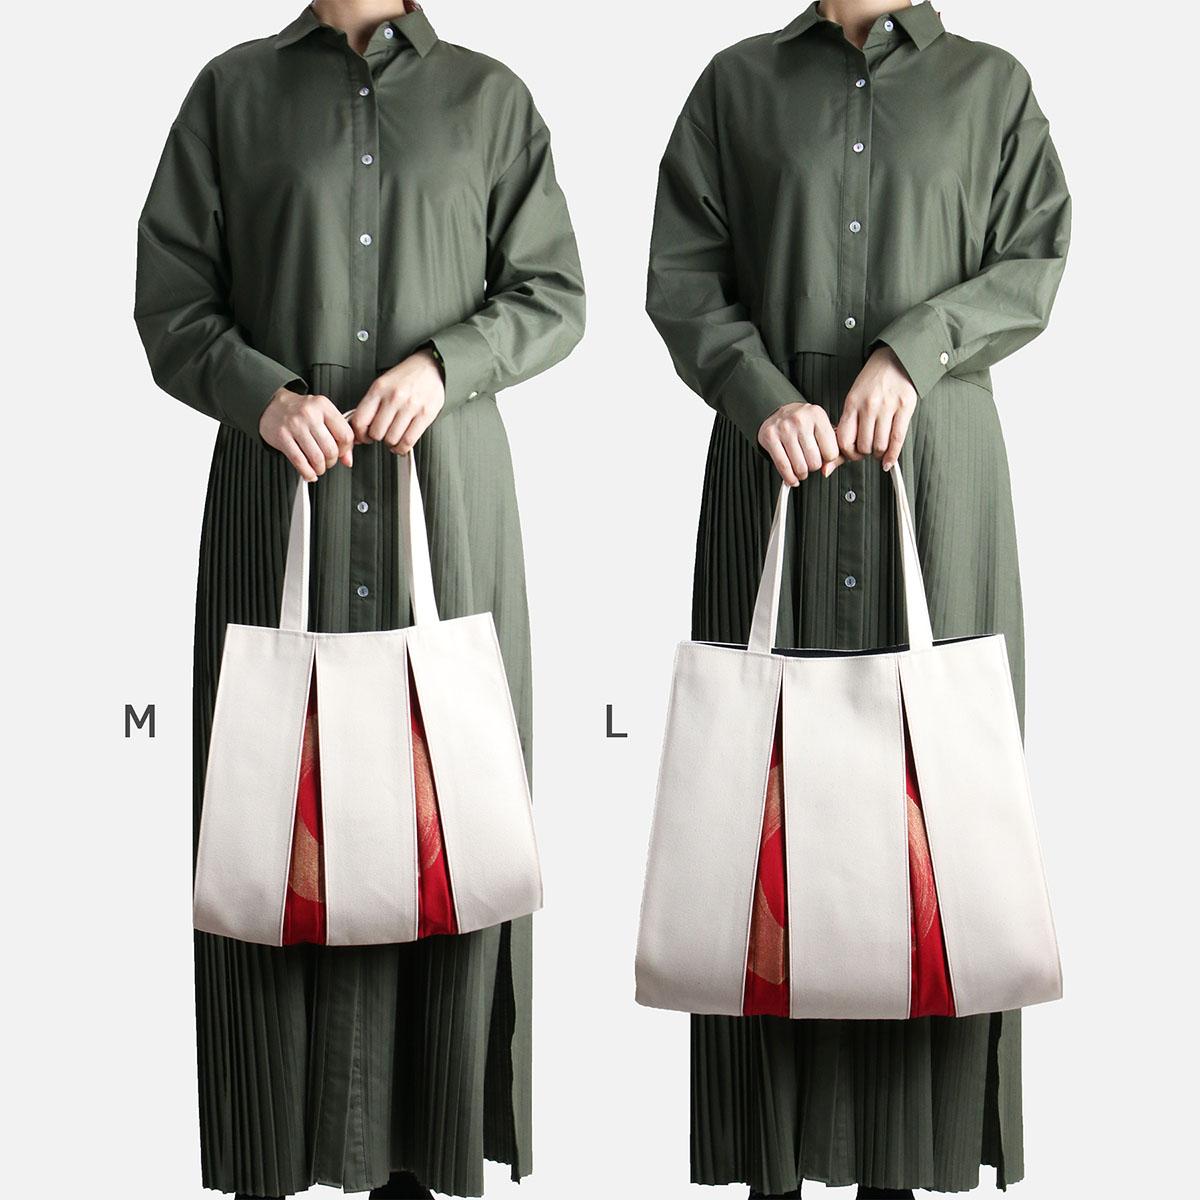 KOSHO ougi 帆布 トートバッグ madoka M